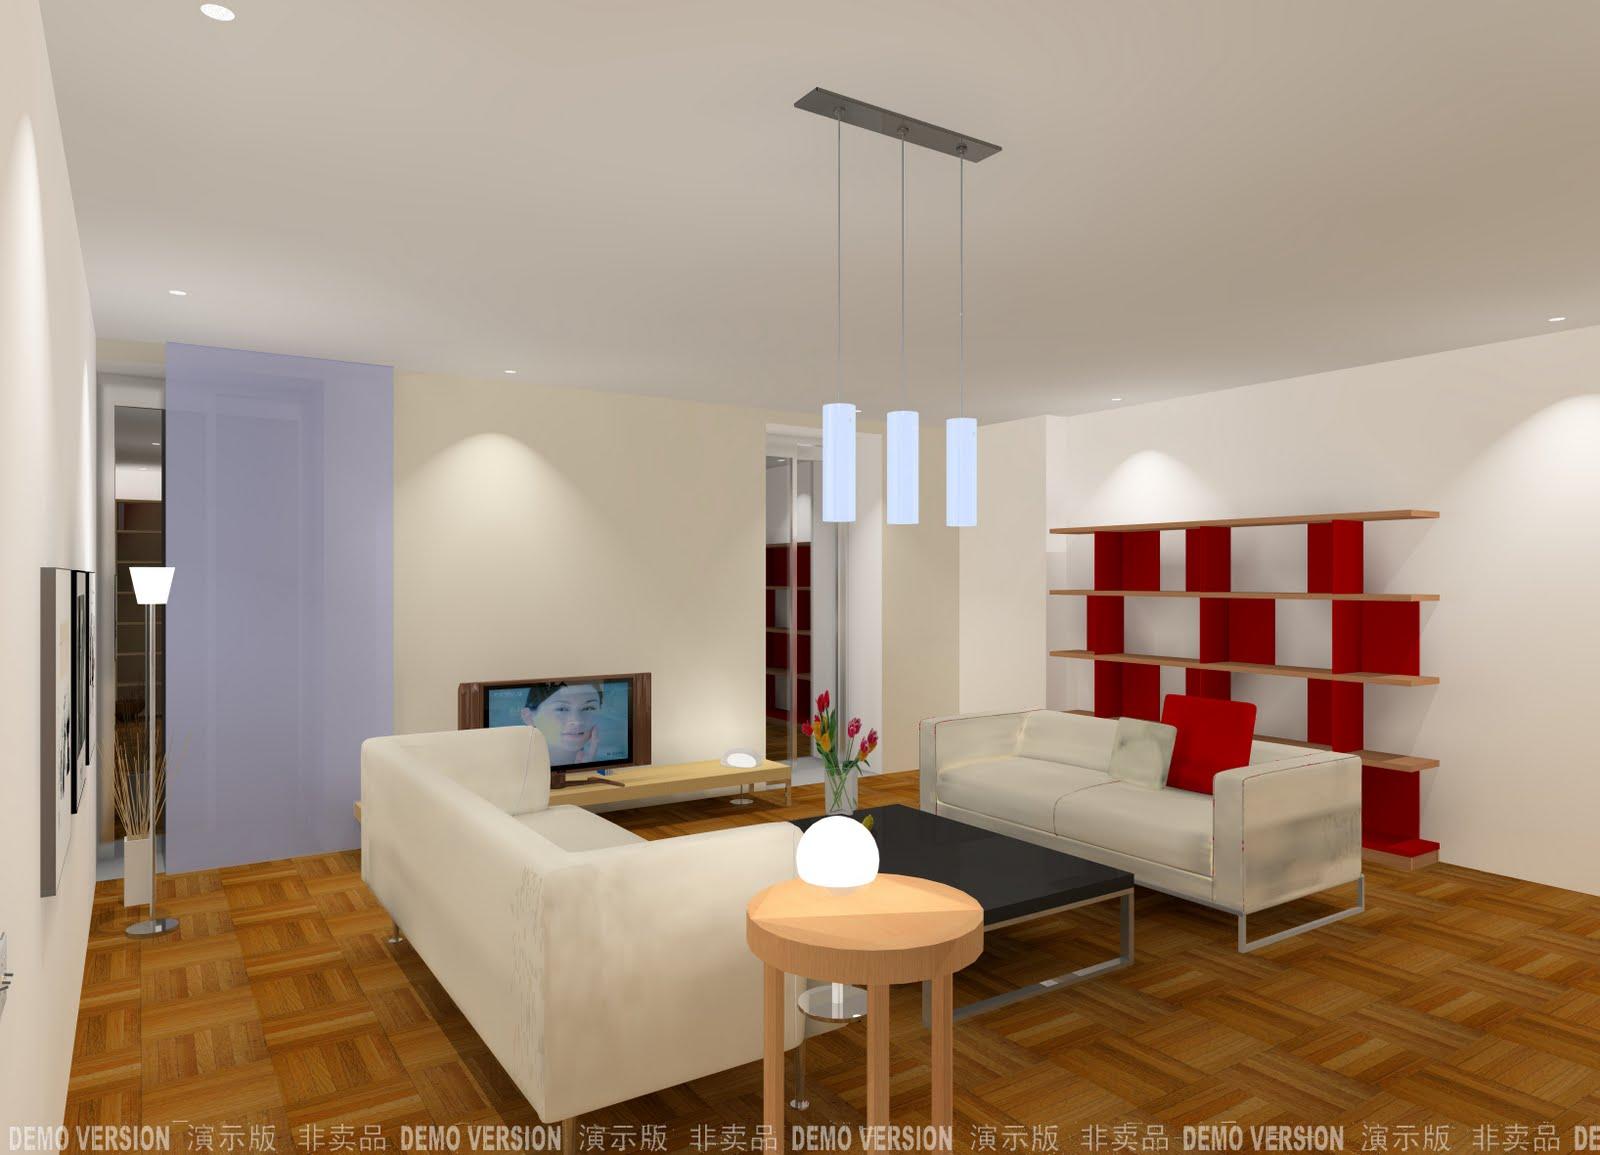 Architettare ovvero progettare casa online low cost for Progettare interni casa